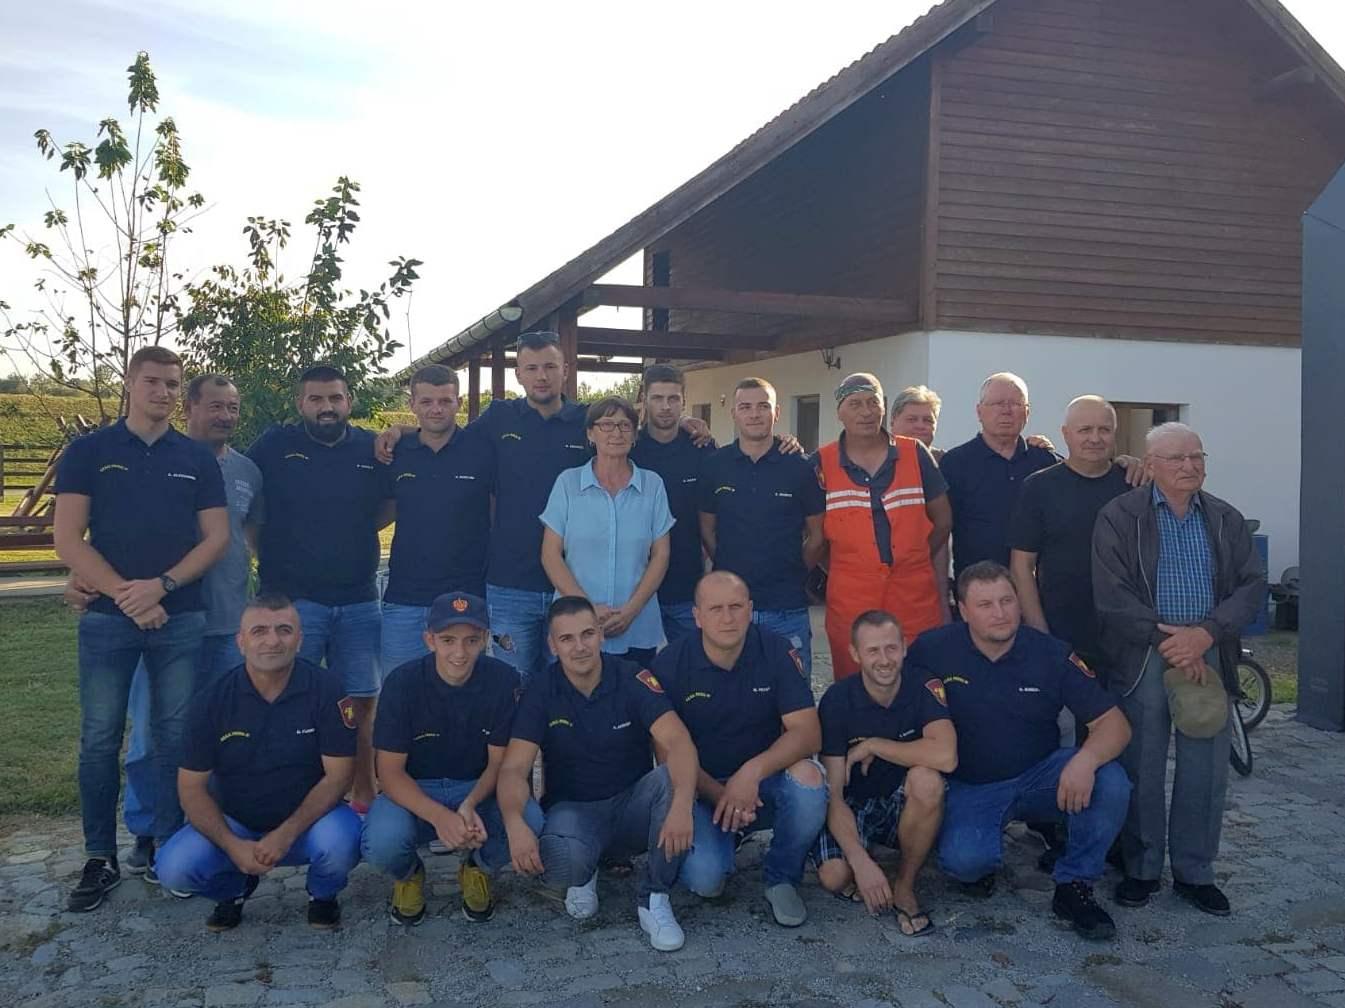 Pompierii voluntari, felicitaţi de ziua lor